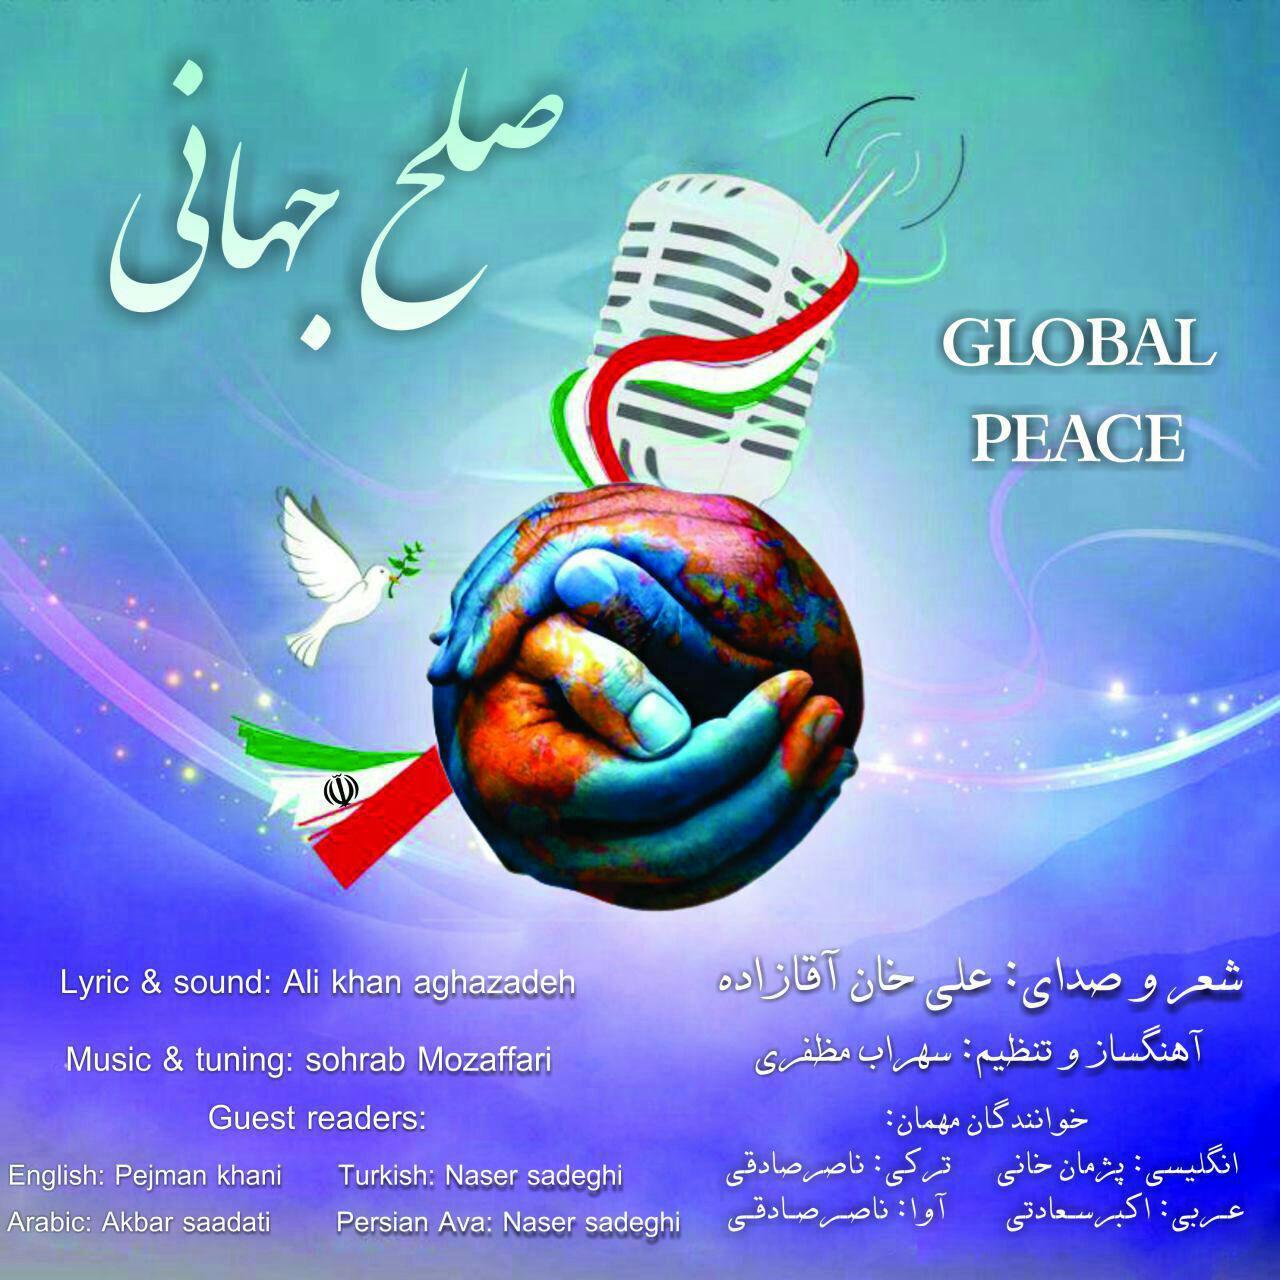 دانلود آهنگ جدید علی خان آقازاده به نام صلح جهانی